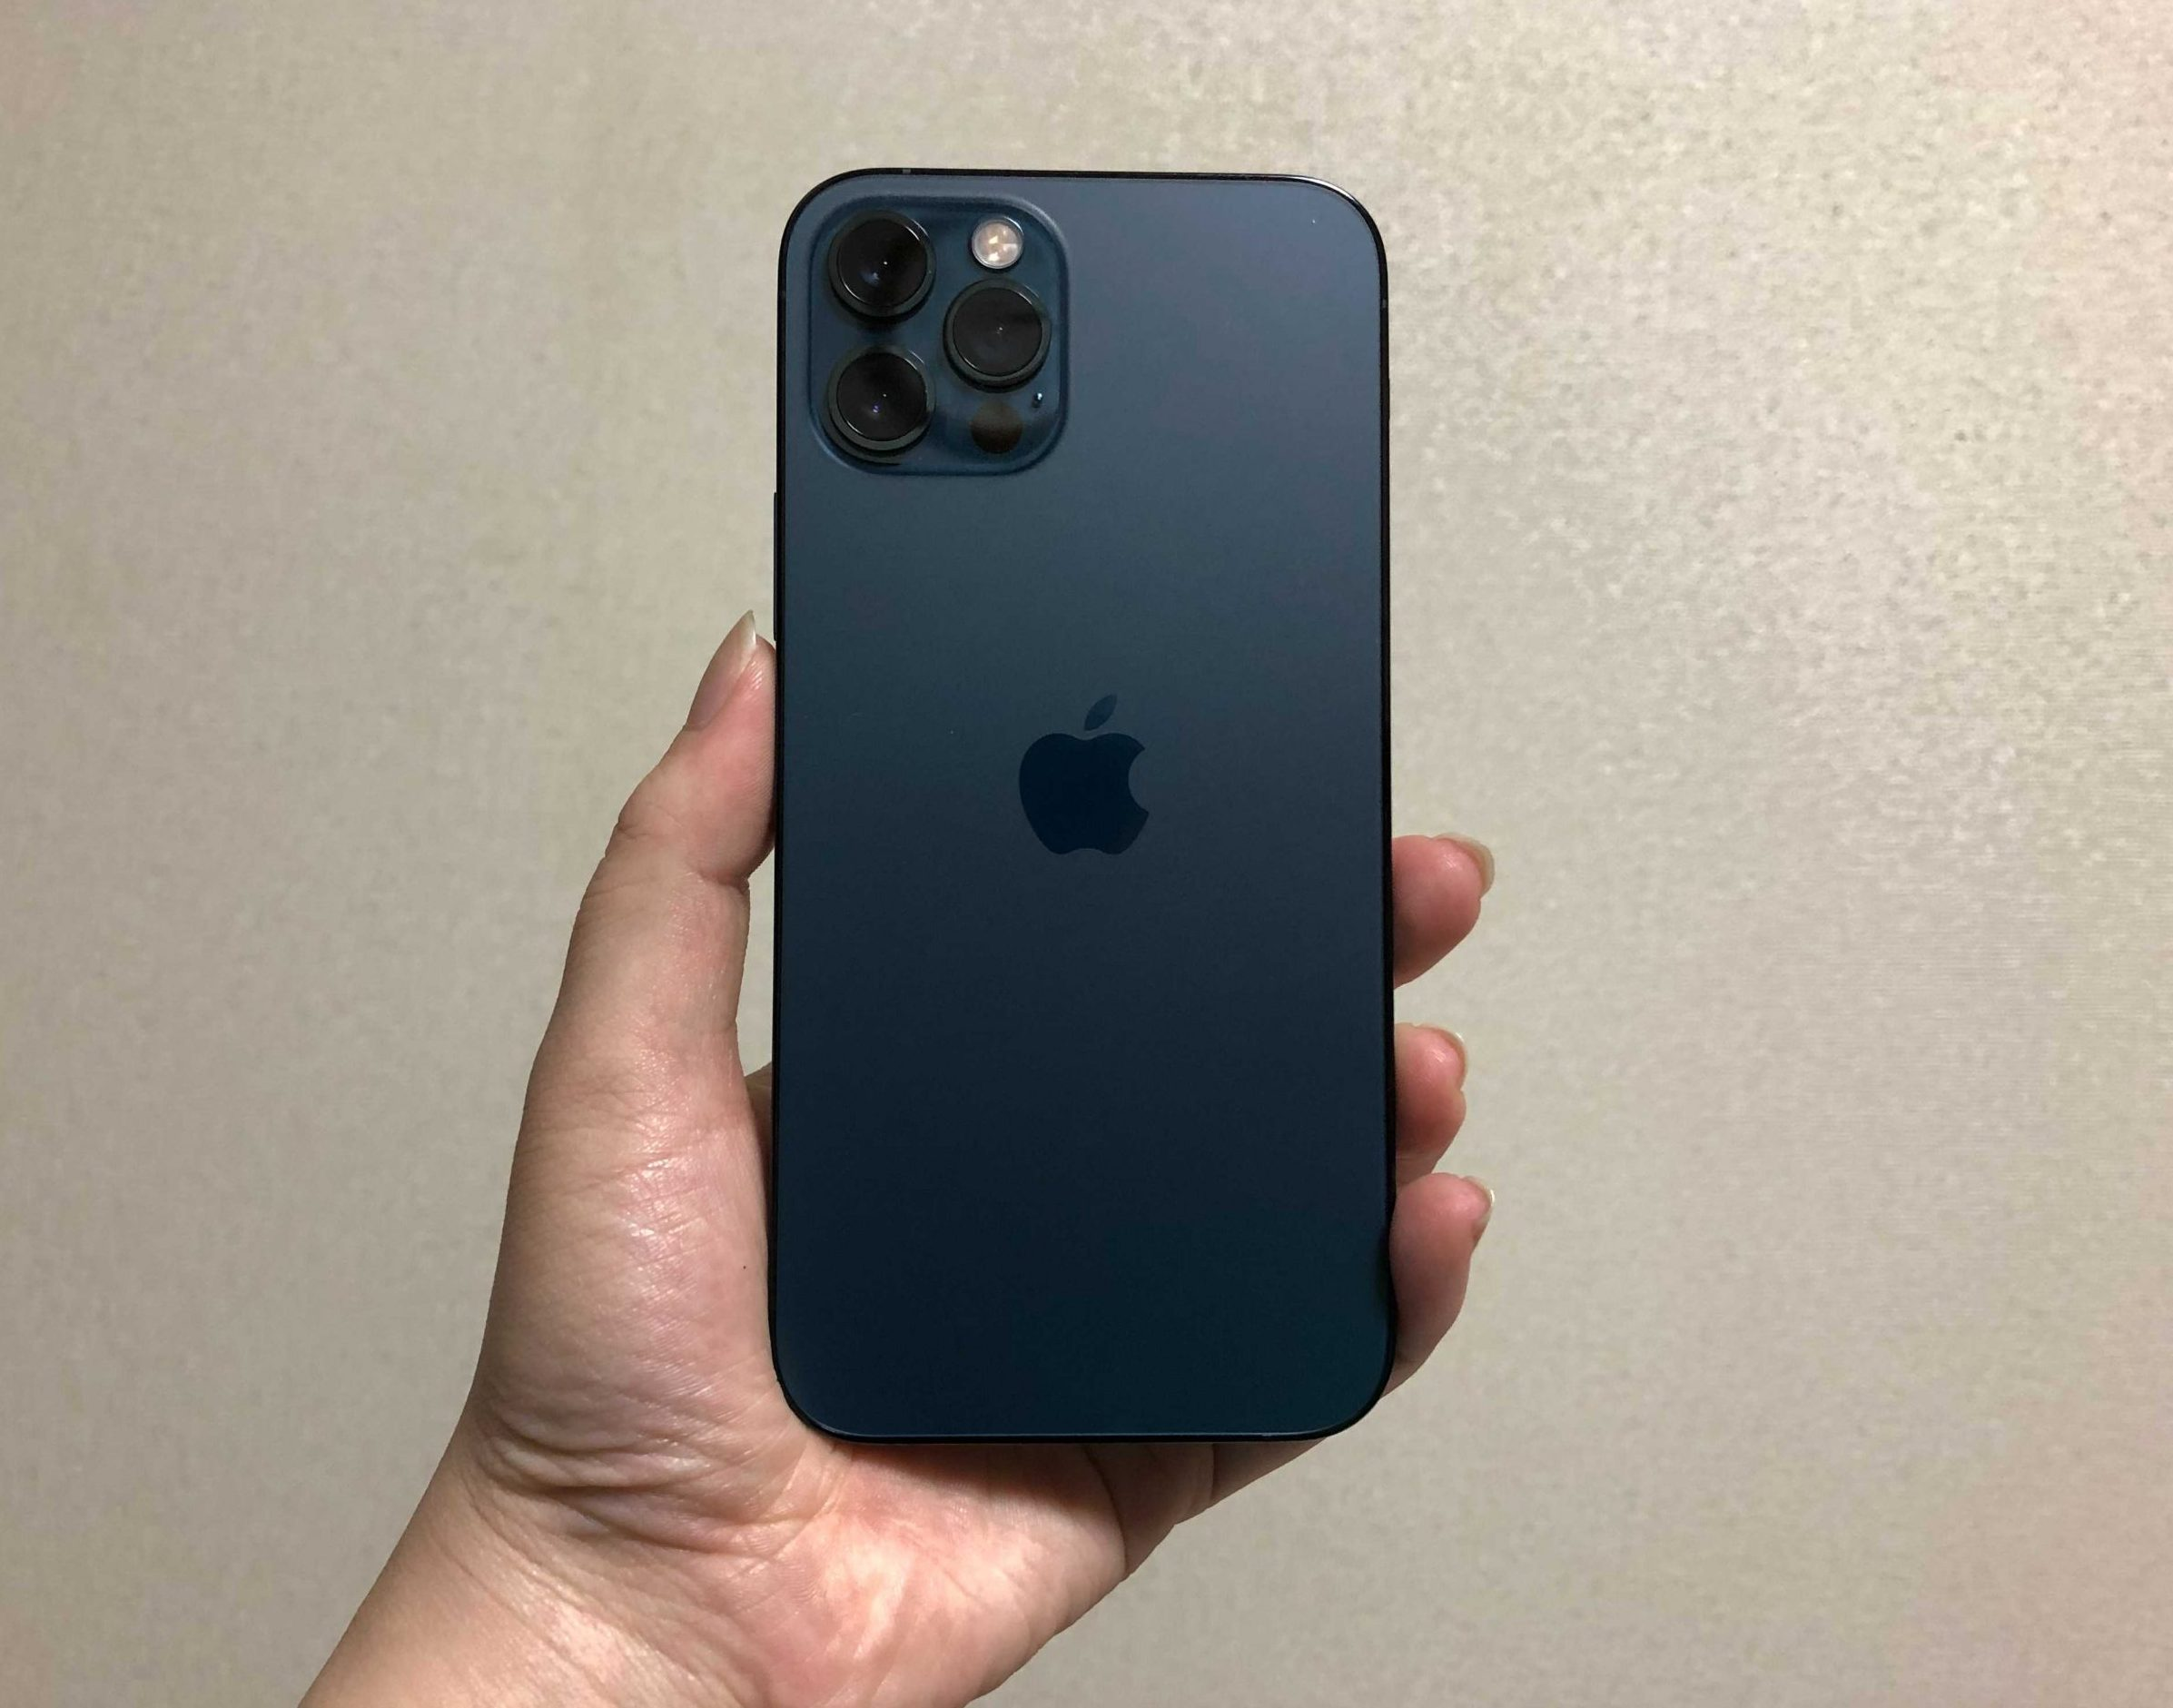 iPhone 12 Proのパシフィックブルー